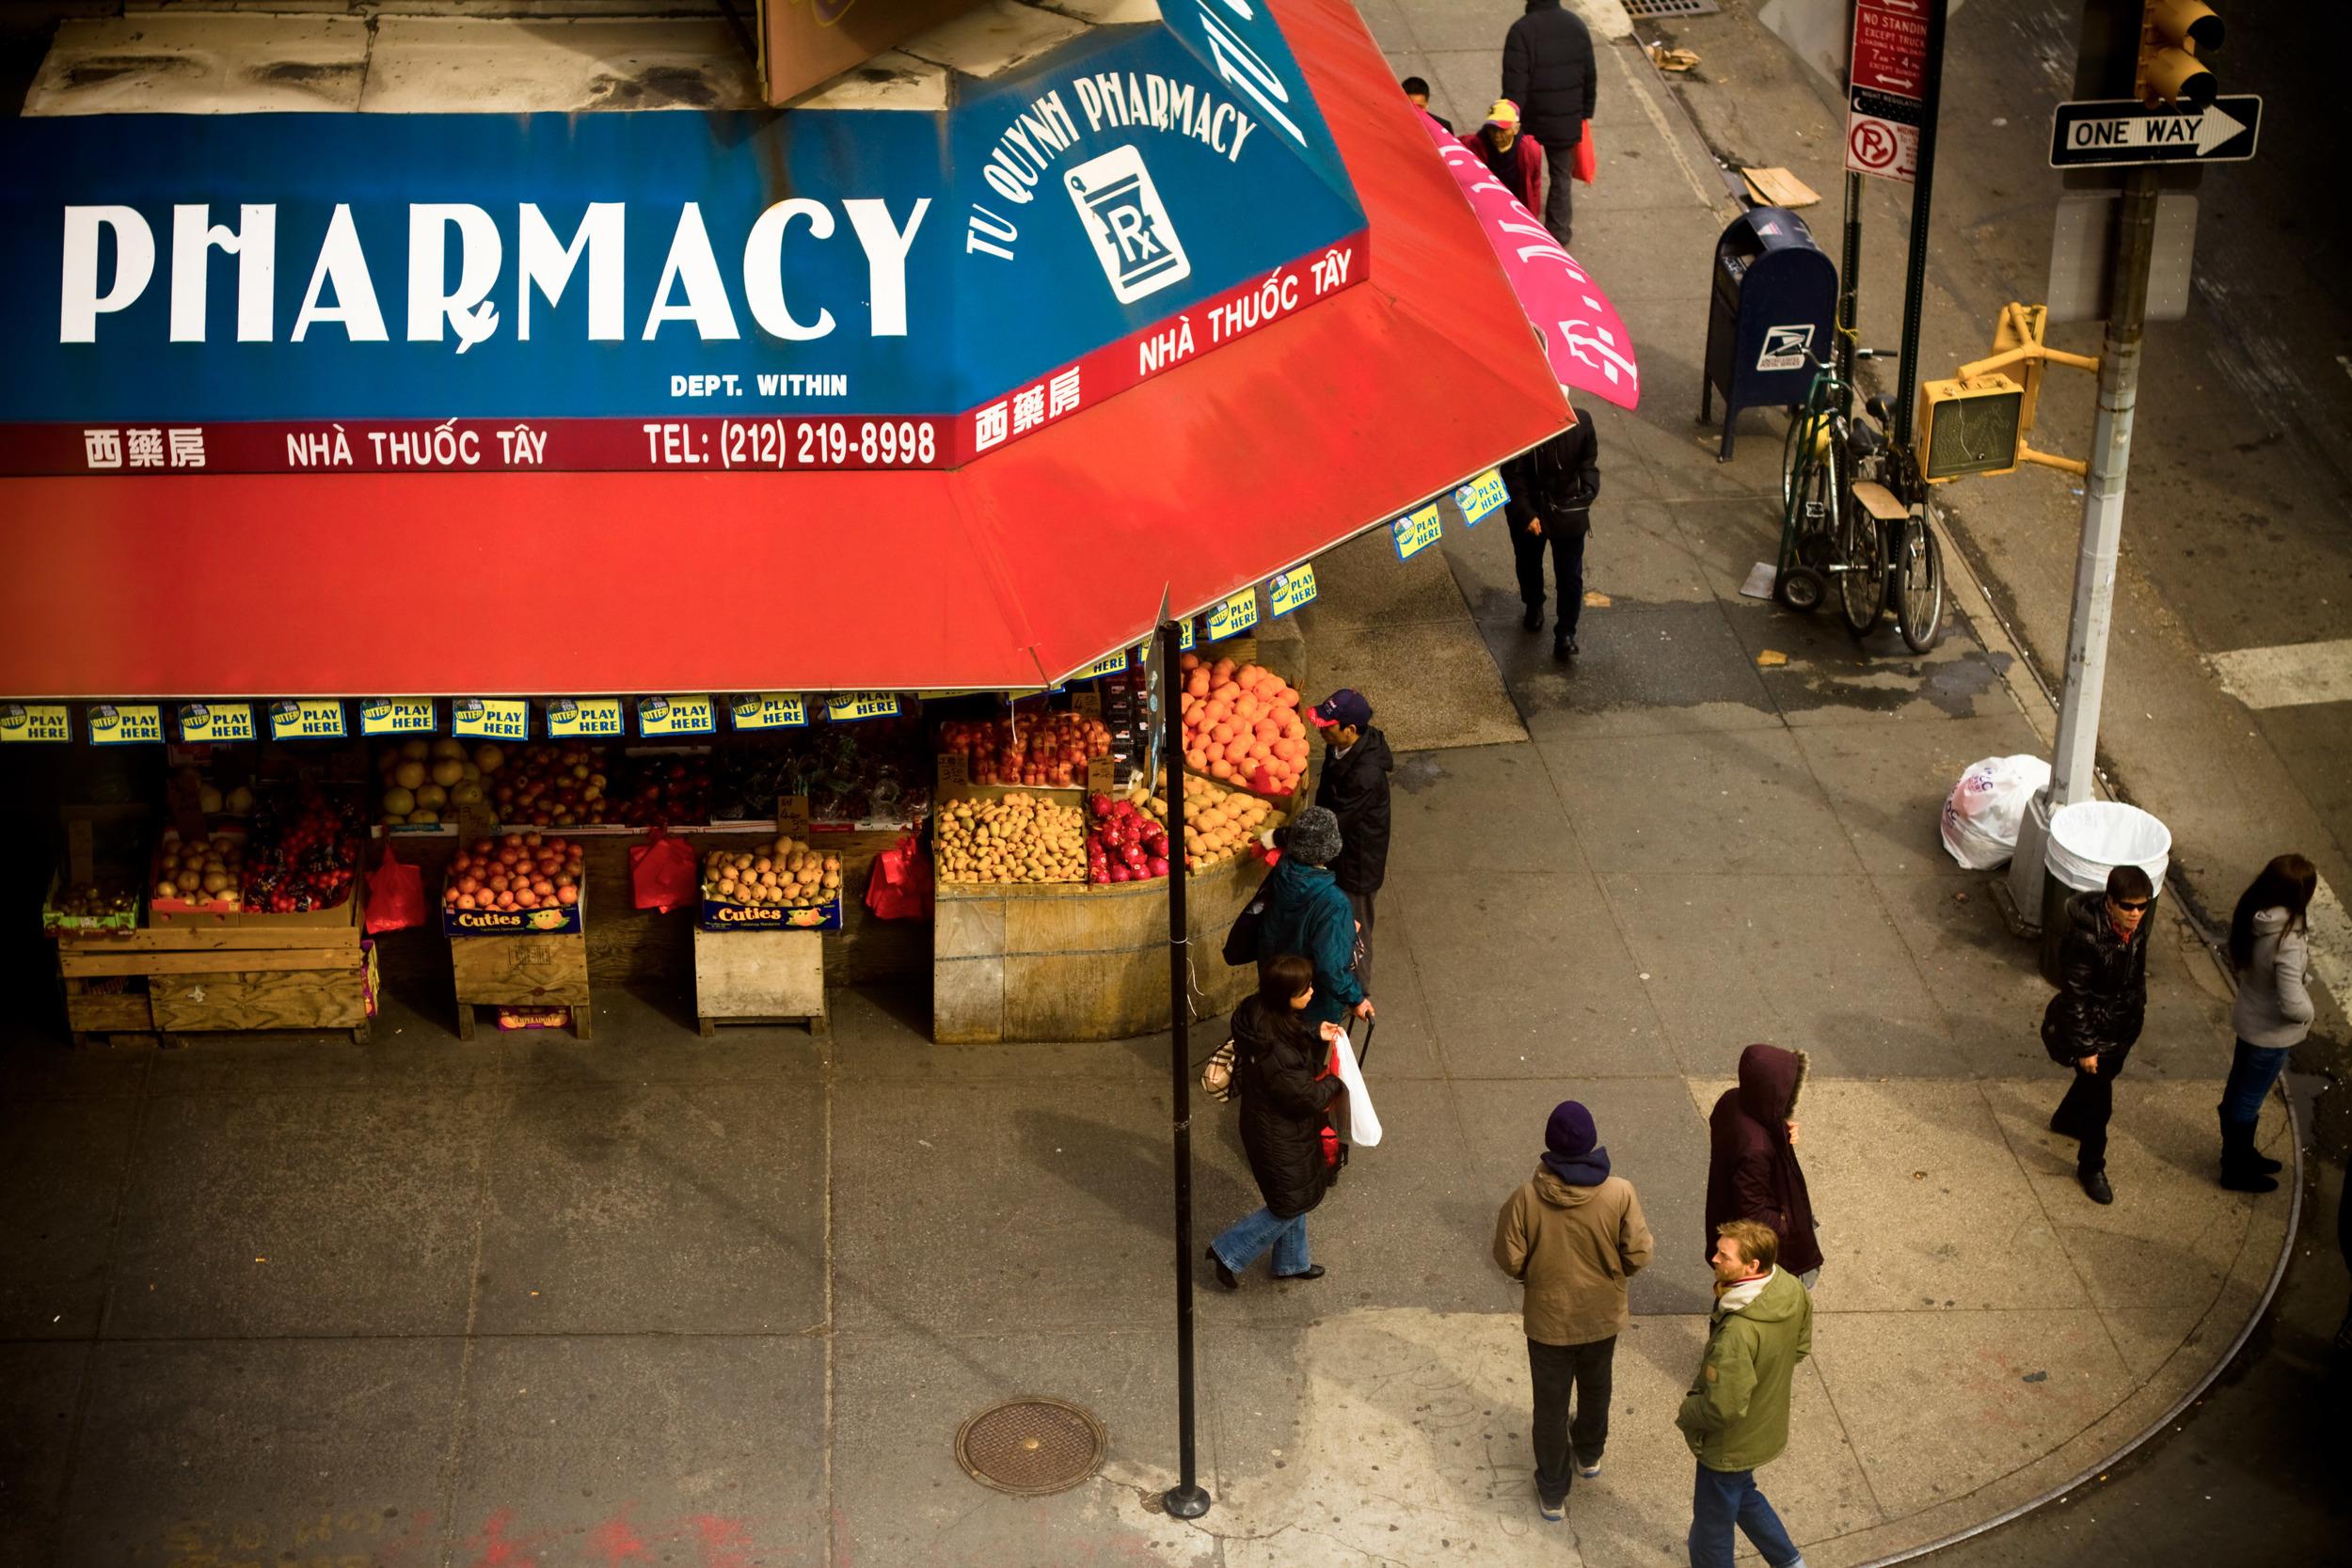 Bowery Corner, NYC